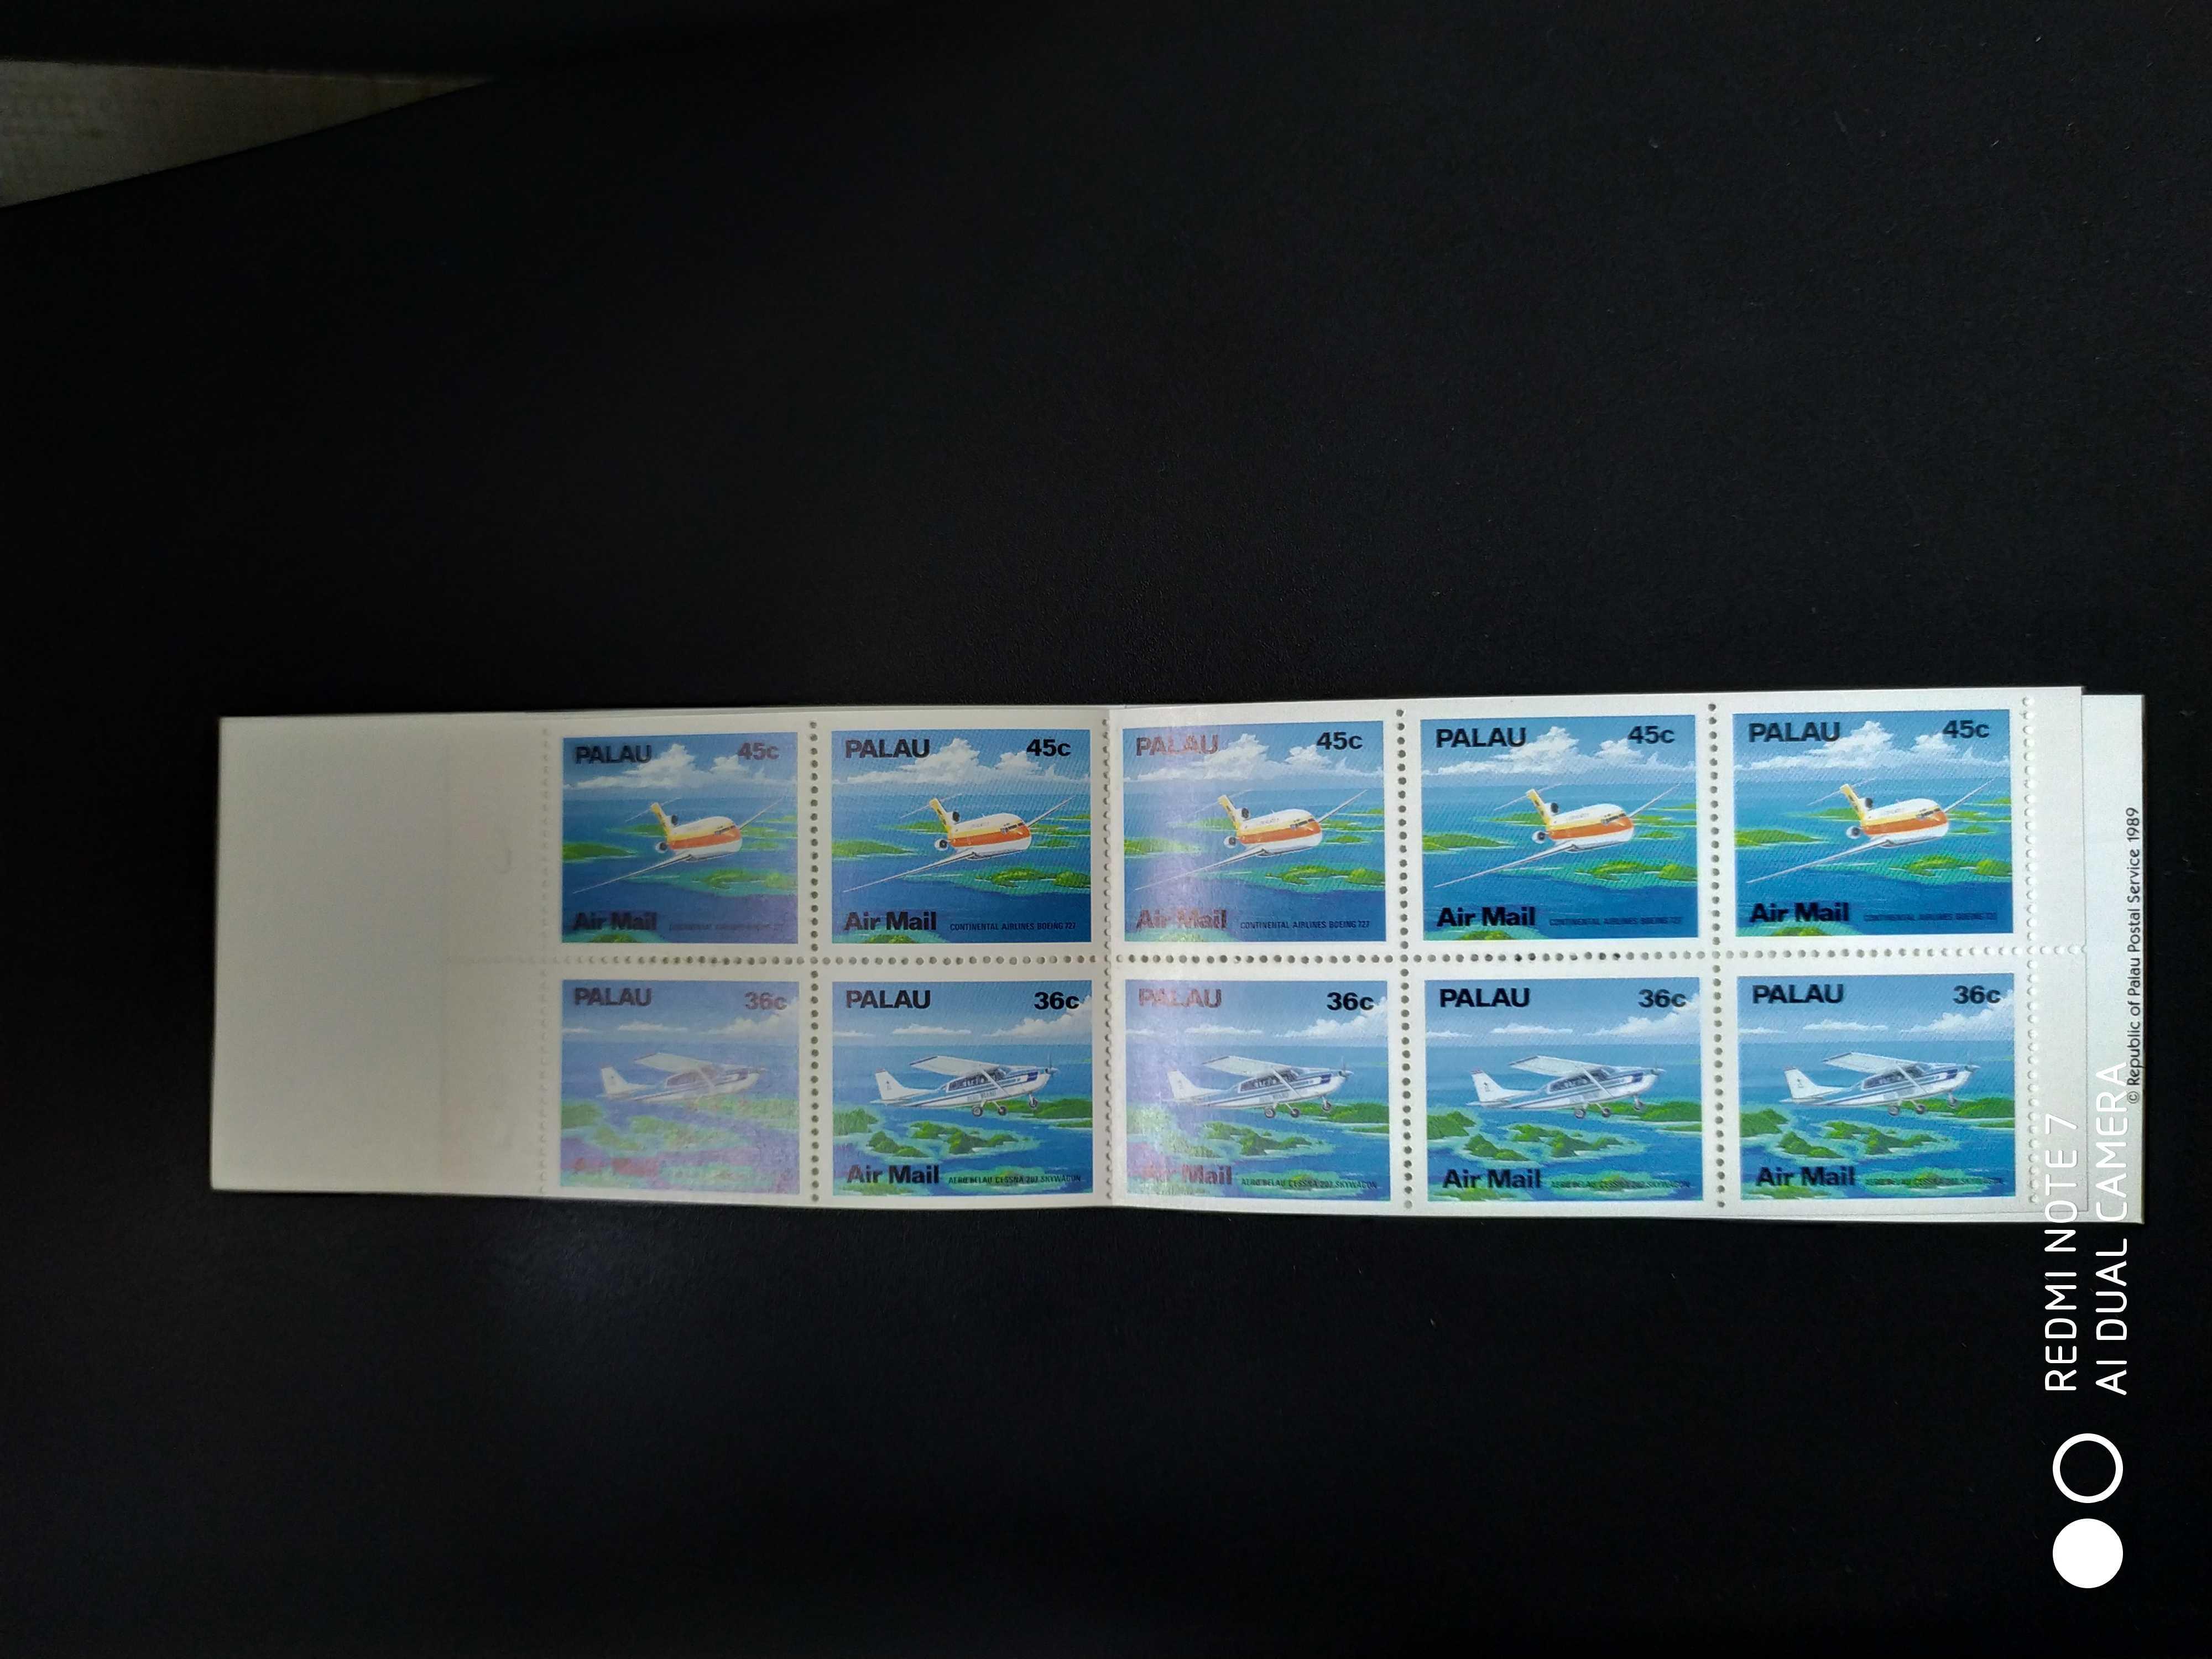 帕劳 1989年飞机邮票小本票1新